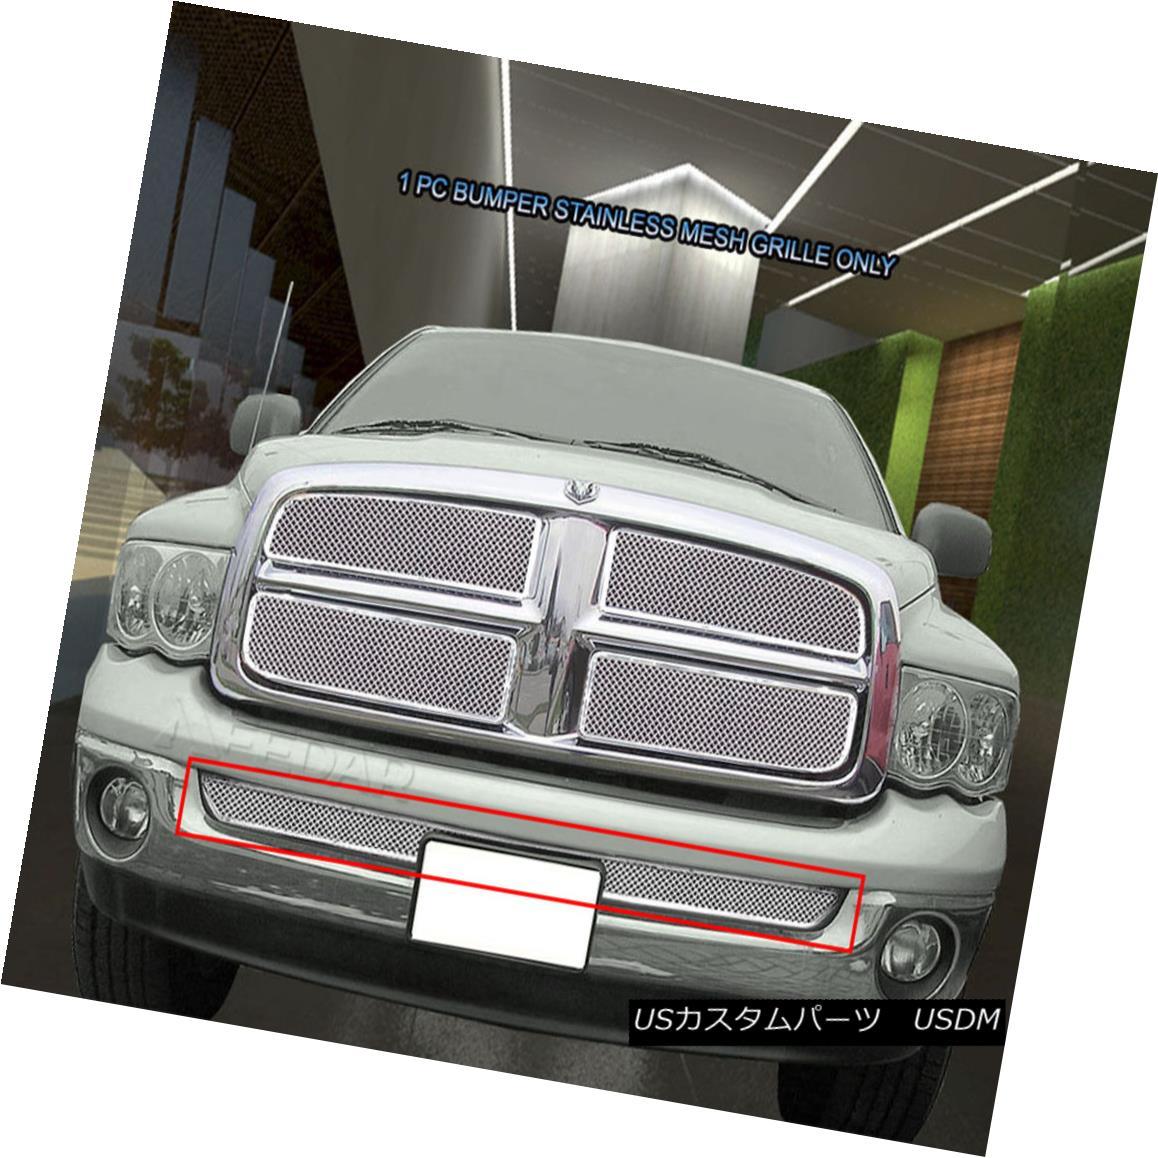 グリル For 02-05 Dodge Ram 1500 2500 3500 Stainless Mesh Grille Grill Bumpe 1 PC Fedar 02-05 Dodge Ram 1500 2500 3500ステンレスメッシュグリルグリルバンプ1 PC Fedar